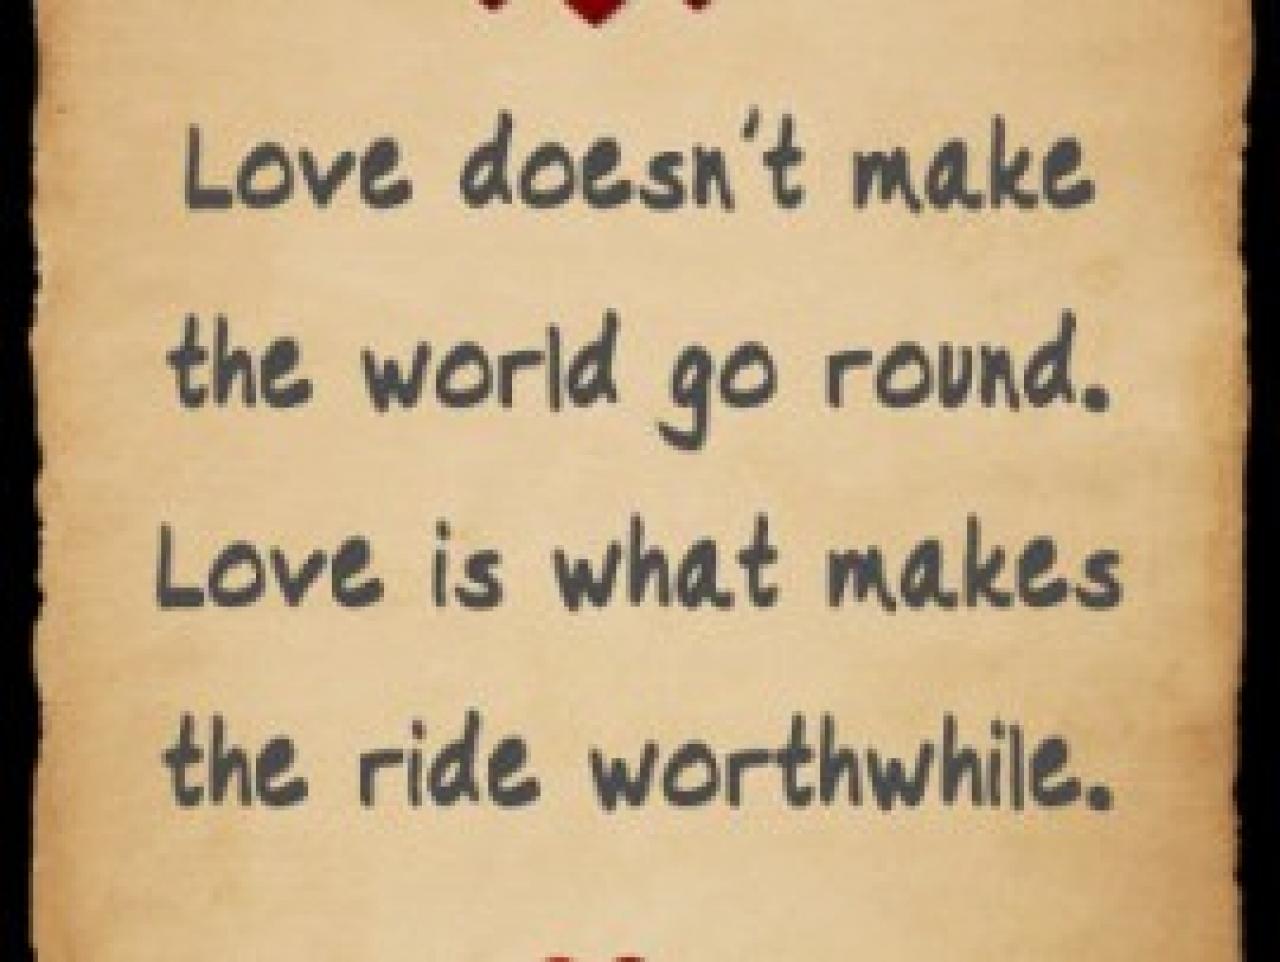 quotes sweet love quotes sweet love quotes sweet love quotes 1280x962